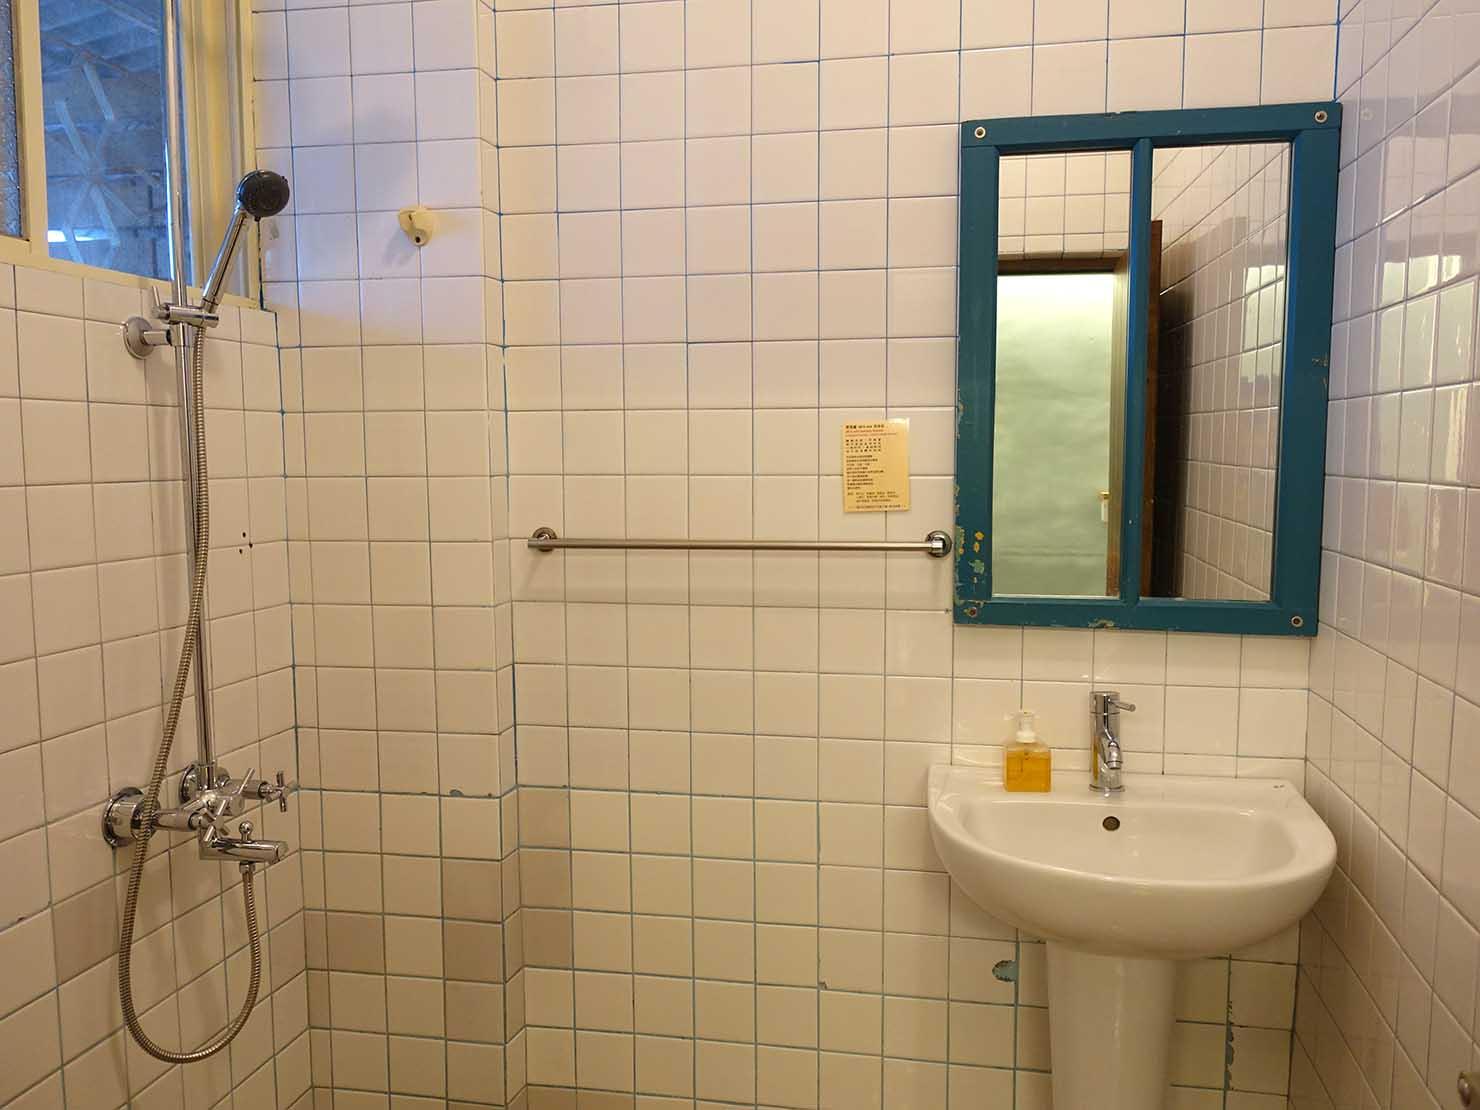 花蓮市街中心部のレトロかわいいおすすめゲストハウス「花蓮日日 Hualien dairy」の單人房(シングルルーム)シャワールームのシンク